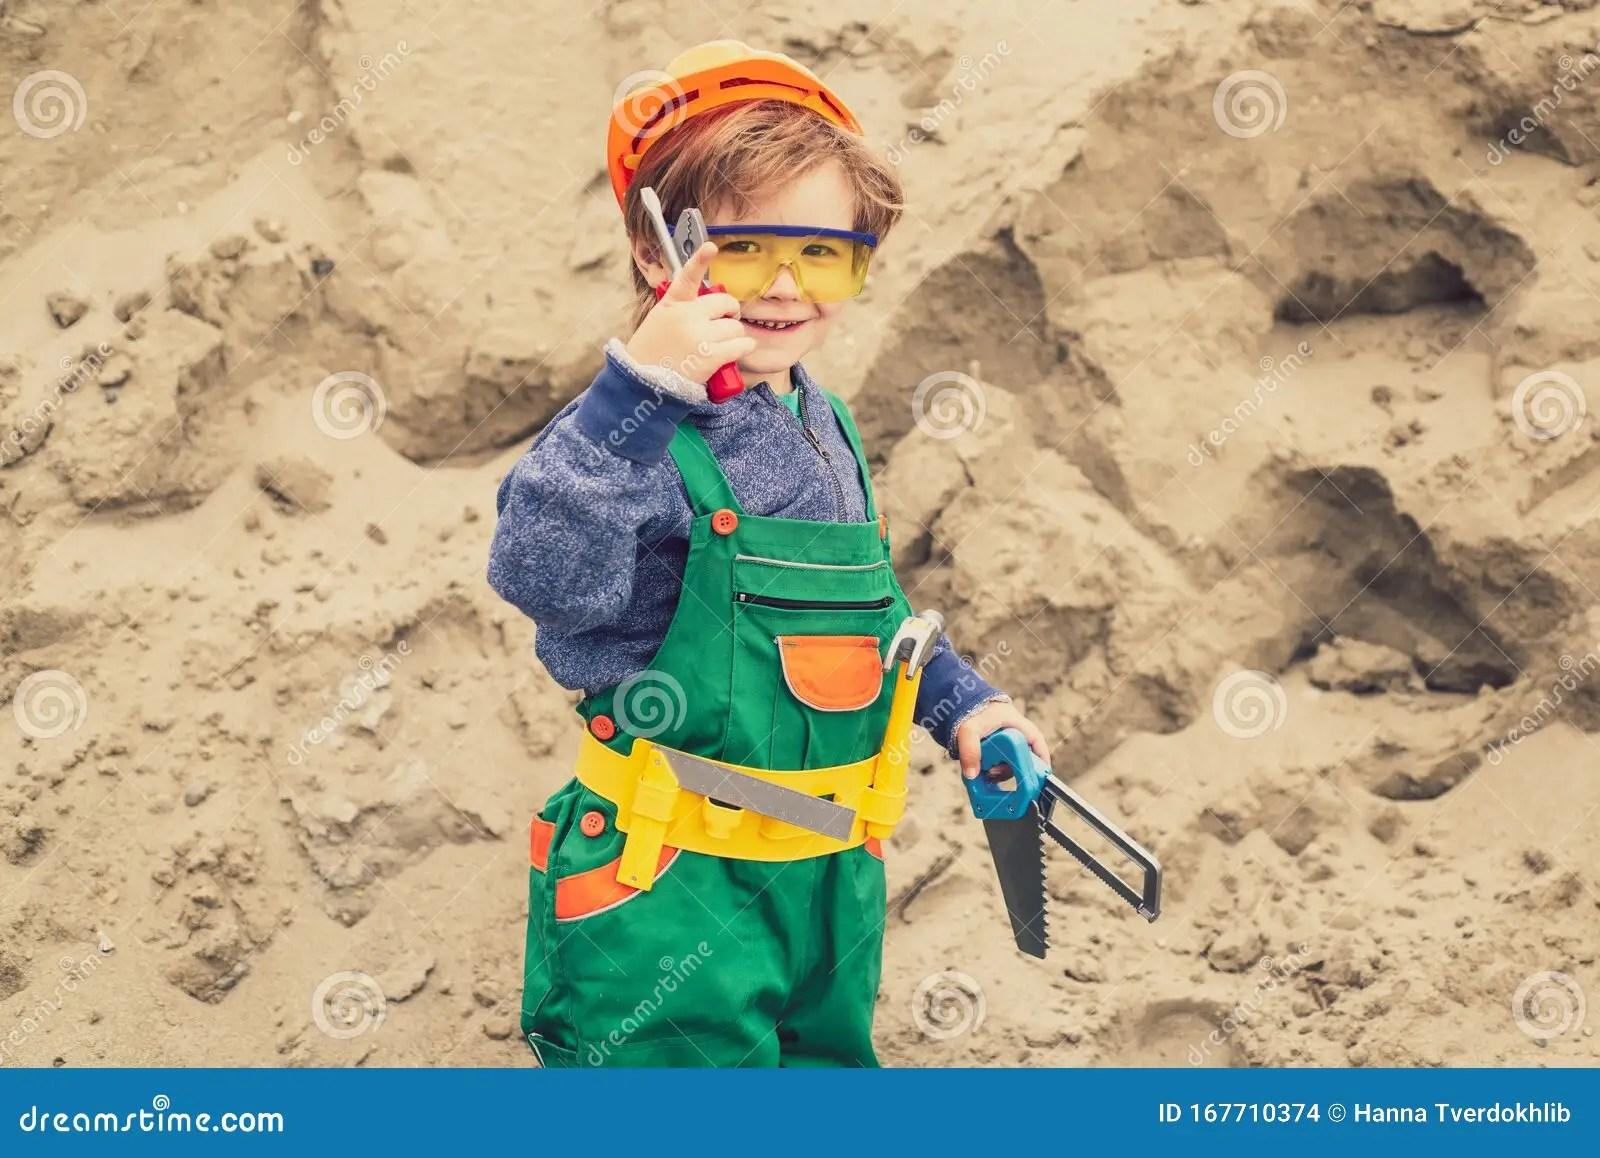 Happy Master Future Profession Carnival For Children In